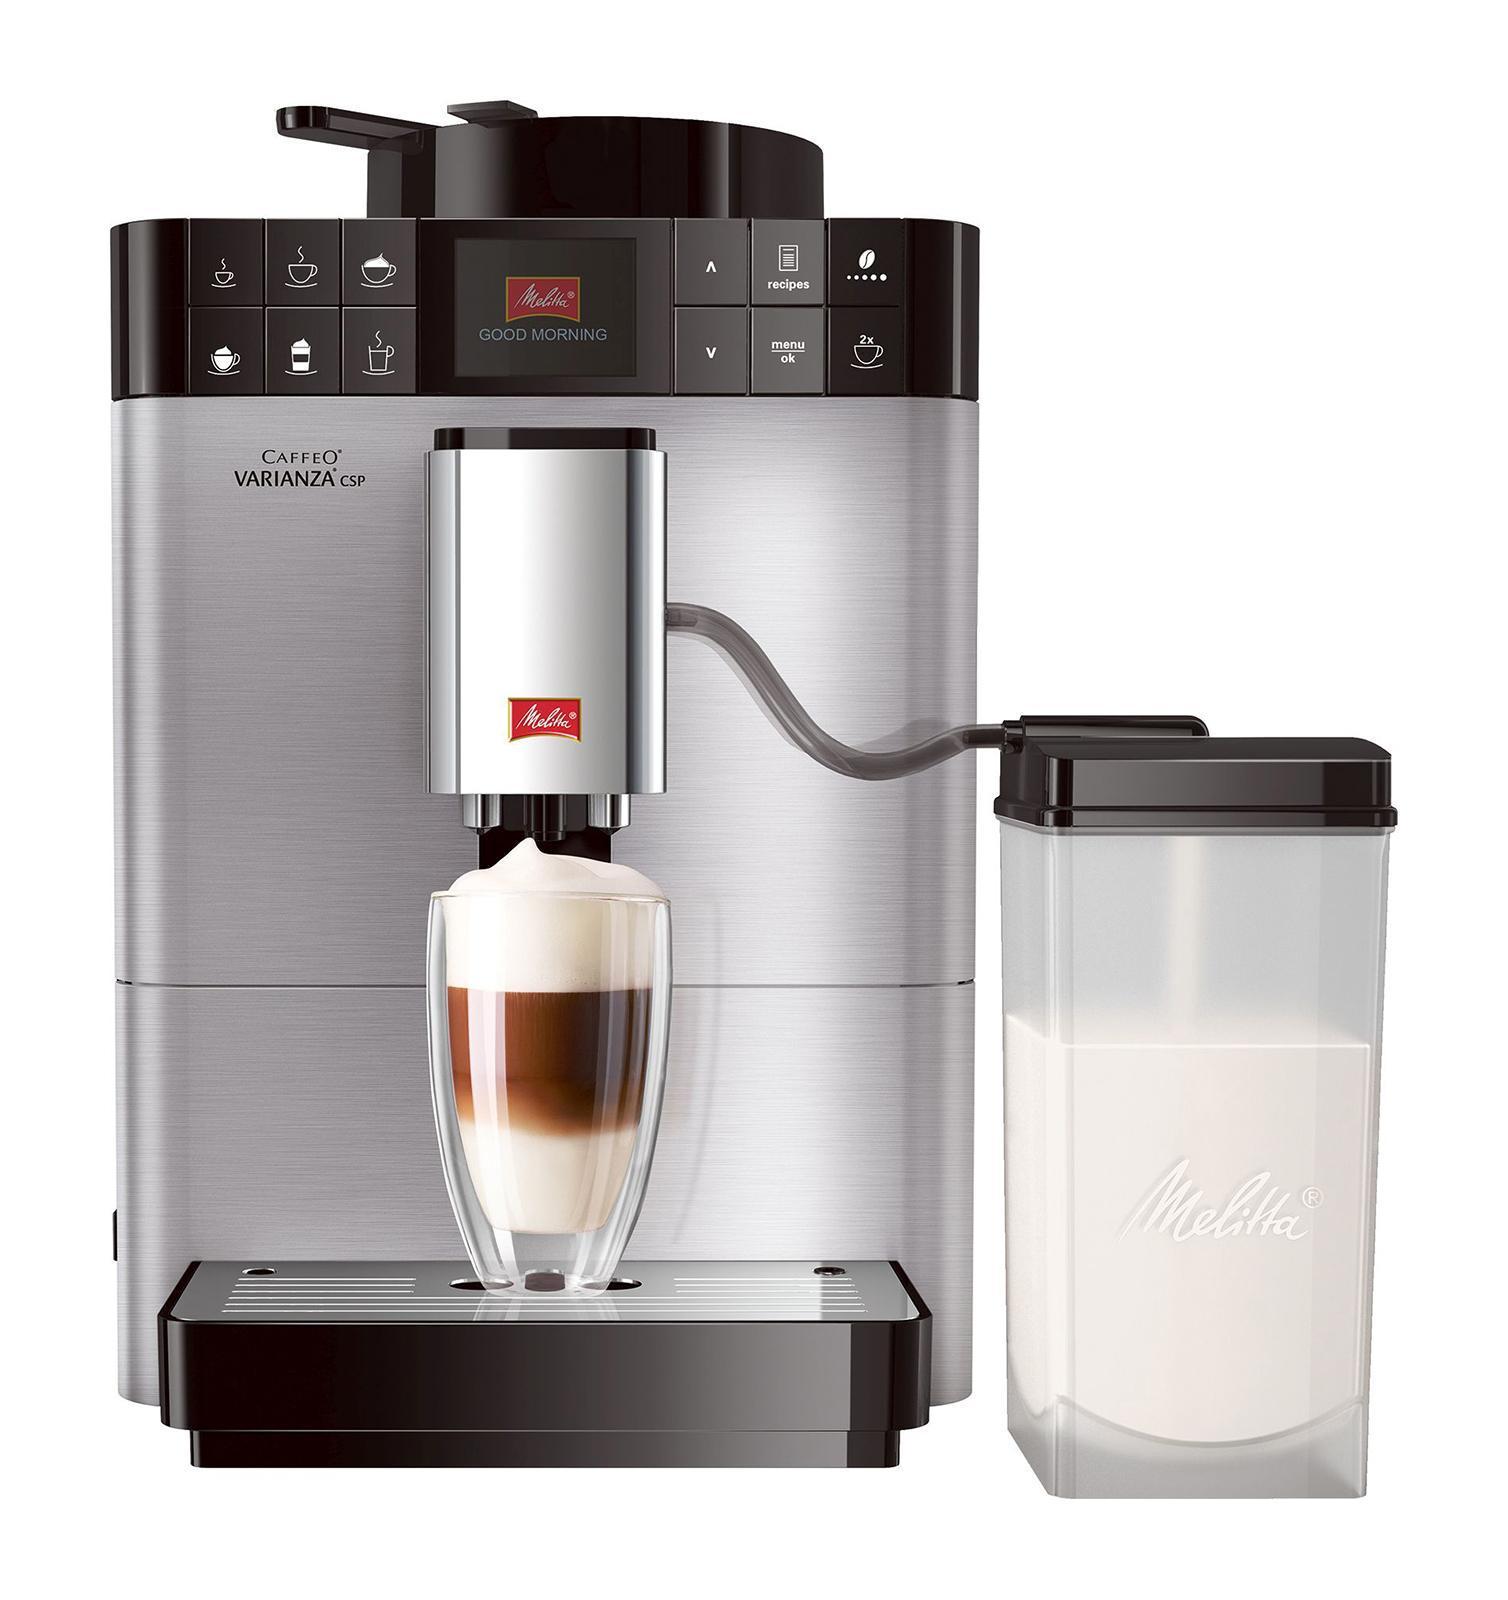 Melitta Caffeo F 570-101 Varianza CSP, Silver кофемашина6736040MISSION eco & careМы разработали лэйбл, который помогает потребителям в выборе продукции,гарантирующей ощутимоенаслаждение. В основе данного лэйбла лежит разработанная нами система ценностейMy Bean SelectMy Bean Selectот Melitta позволяет Вам свободно выбирать тип зерна из всего многообразия, доступного с каждой новой чашкой кофе. Наряду со стандартным контейнером для зерен, эта инновация даст Вам возможность попробовать различные типы зерен для каждой новой чашки. Это действительно просто с практичной мерной ложечкой, входящей в комплектСистема Best Aroma System PLUSечать Aromasafe на контейнере для зерен означает, что вкус и аромат кофейных зерен надежно сохранены. Функция Bean to Cup обеспечивает помол и варку только того количества зерен, которое Вам необходимо. Кофемолка работает до полного опустошения, тем самым предотвращая смешивание различных сортов зерен. Уникальные процессы предварительного замачивания и экстракции (A.E.S.) гарантируют превосходное раскрытие вкуса и аромата кофеКомпактная конструкция, современный дизайнКофемашина Caffeo Varianza устанавливает новые стандарты компактности. Форма куба впечатляет визуально и, кроме того, очень компактна, поэтому Вы сможете найти подходящее место для кофемашины в любом местеФункция One TouchЕсли Вы захотите приготовить одну из шести запрограммированных разновидностей кофе, теплое молоко, молочную пенку или горячую воду – сделайте это всего одним нажатием10 сортов кофеБлагодаря кнопкам управления, вы можете выбрать один из 4 классических рецептов – эспрессо, кафе крема, капучино и латте макиато нажатием одной кнопки. Используя функцию рецепта, Вы можете приготовить 6 дополнительных разновидностей кофе: ристретто, лунго, американо, эспрессо макиато, латте, кофе с молокомОригинальный процесс приготовленияприготовление кофе требует соблюдения определенной последовательности добавляемых ингредиентов. Так, например, для приготовления Latte Macchiato эсп